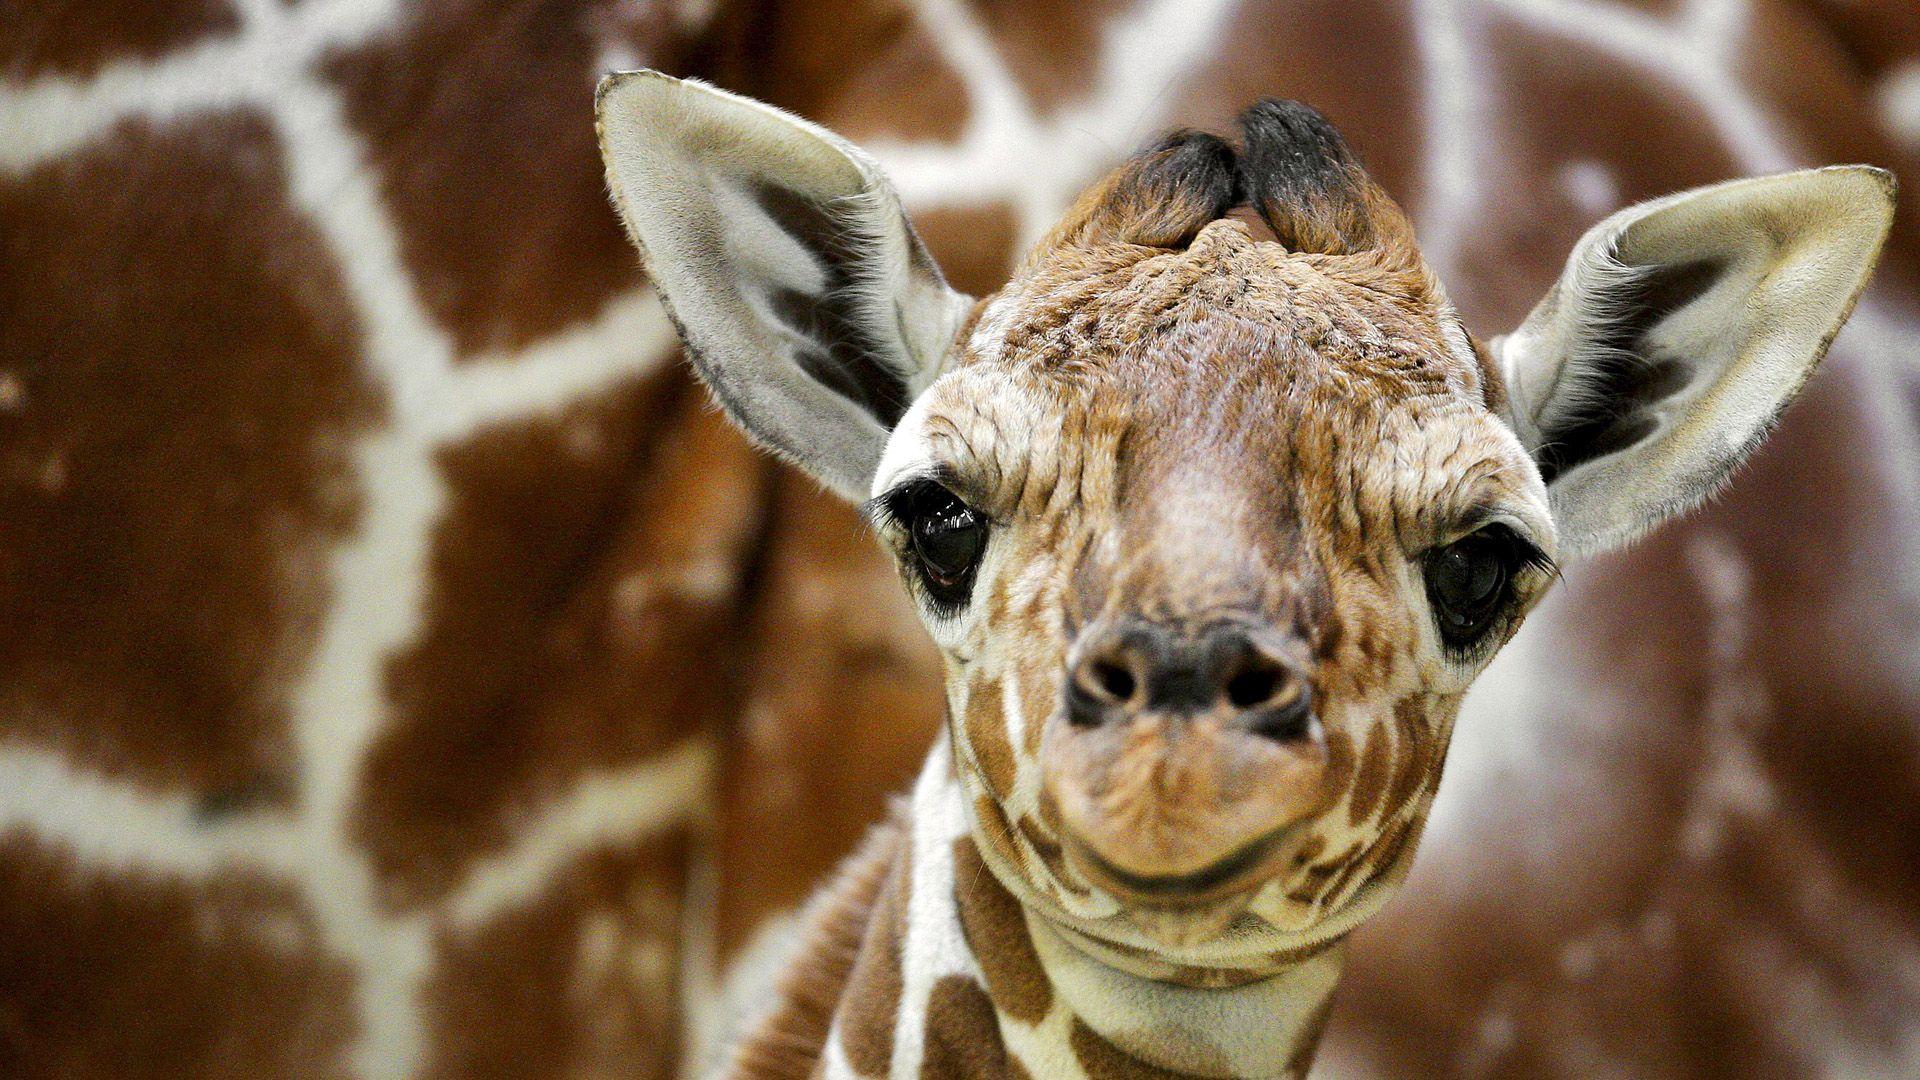 Giraffe Desktop Backgrounds Wallpaper Giraffe Desktop Baby Giraffe Giraffe Pictures Funny Giraffe Pictures